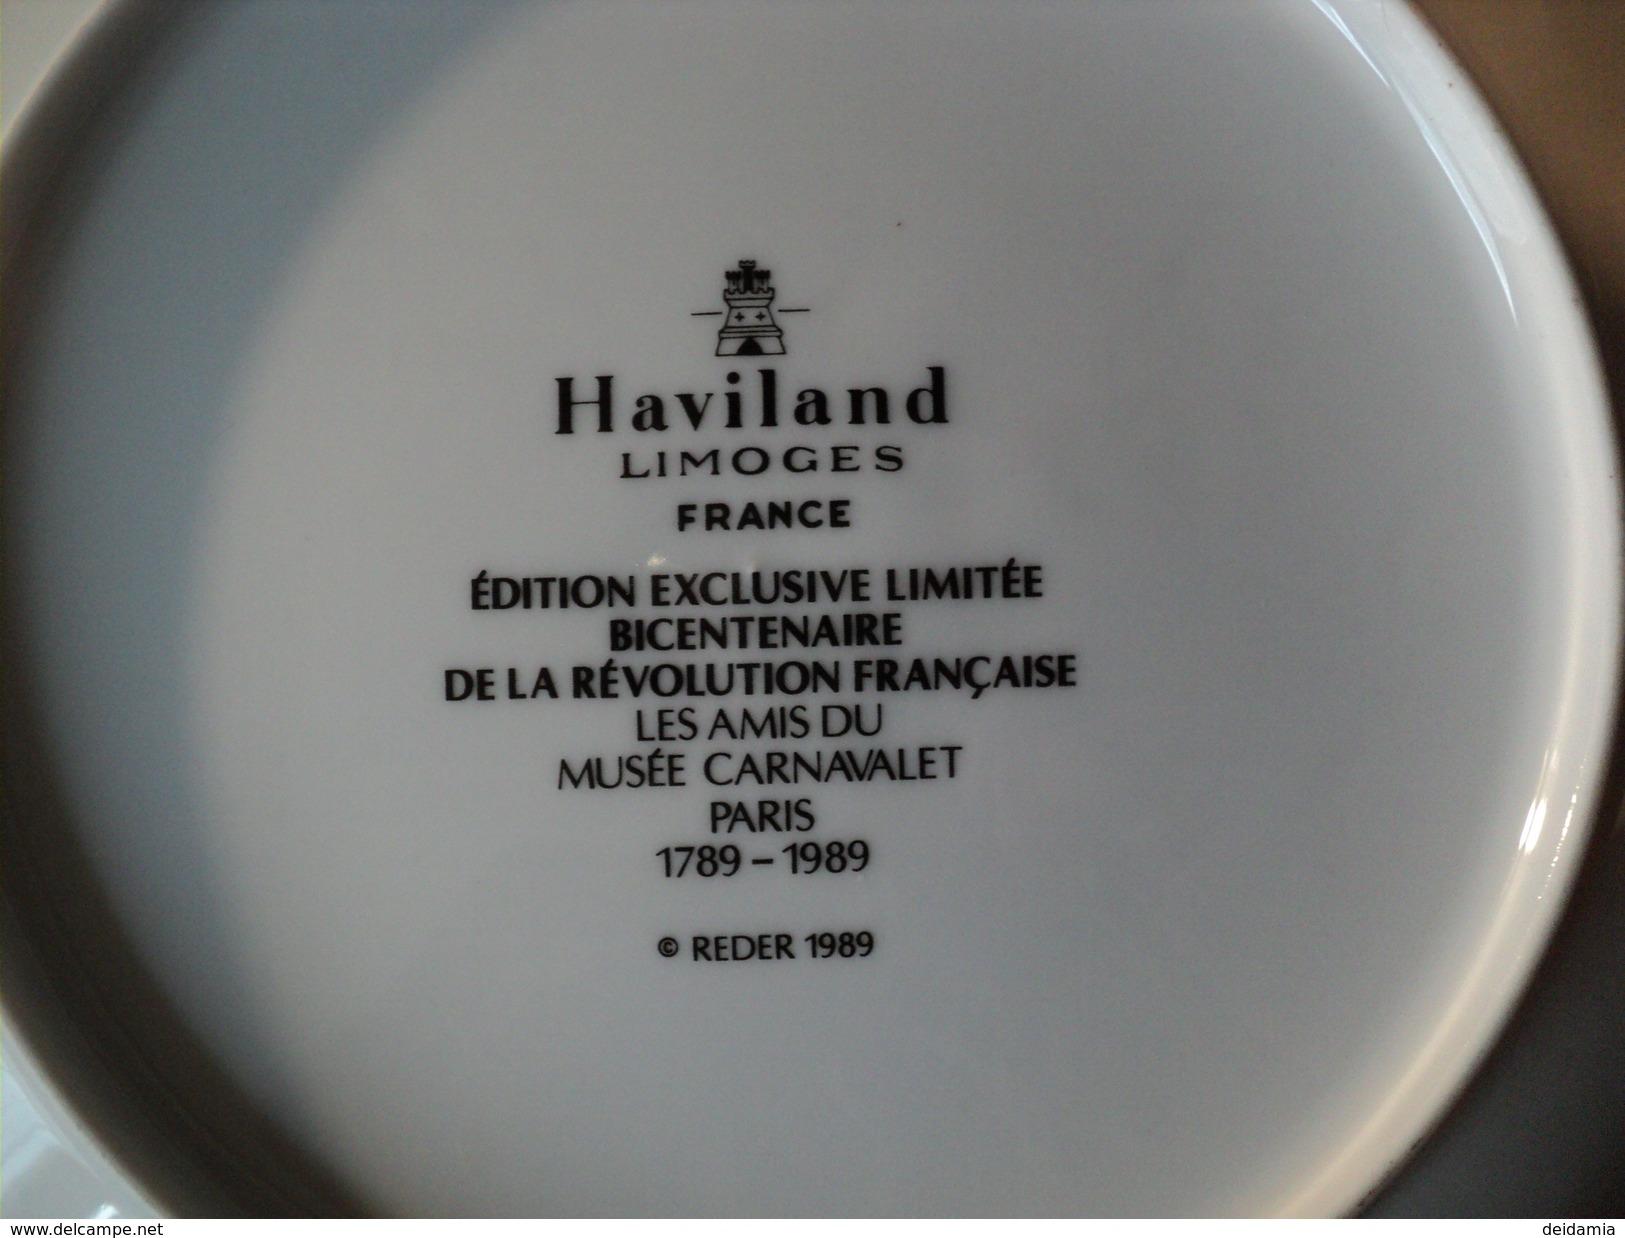 ASSIETTE HAVILAND. LIMOGES. 1989. PLUVIOSE. REDER EDITIONS DU BICENTENAIRE - Plates